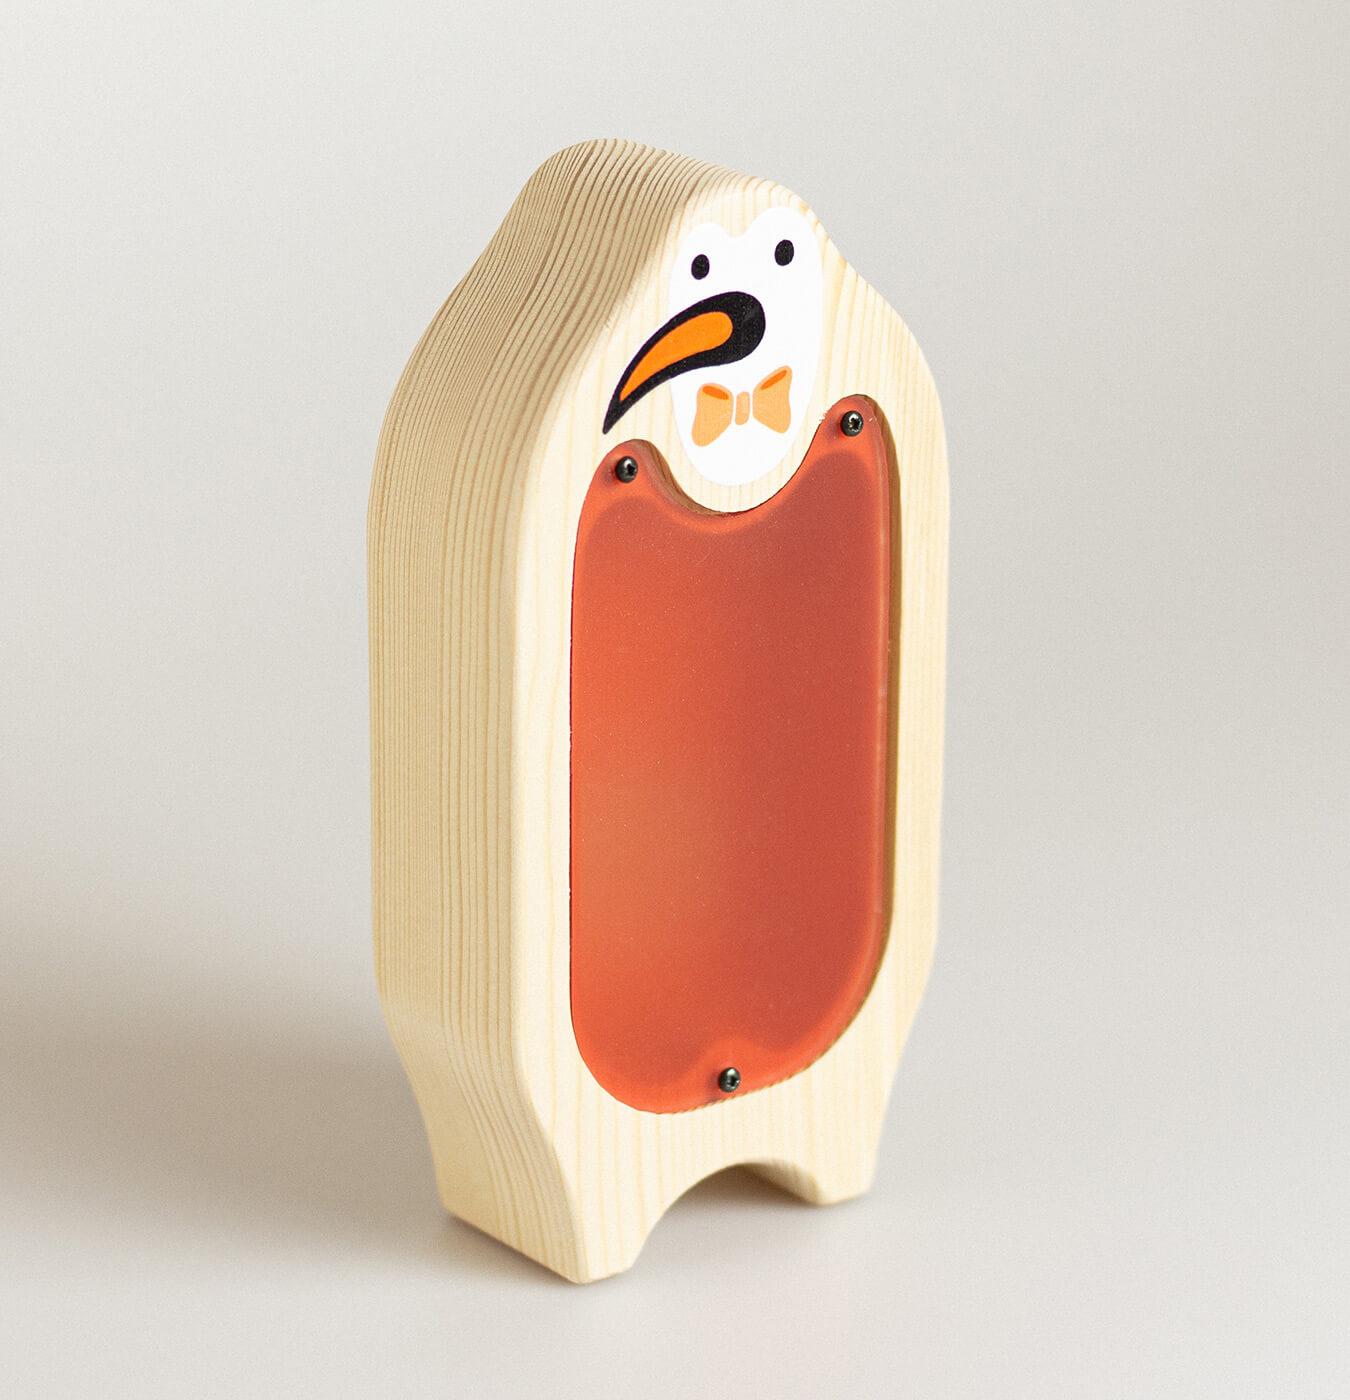 Salvadanio in legno di abete con stampa pinguino